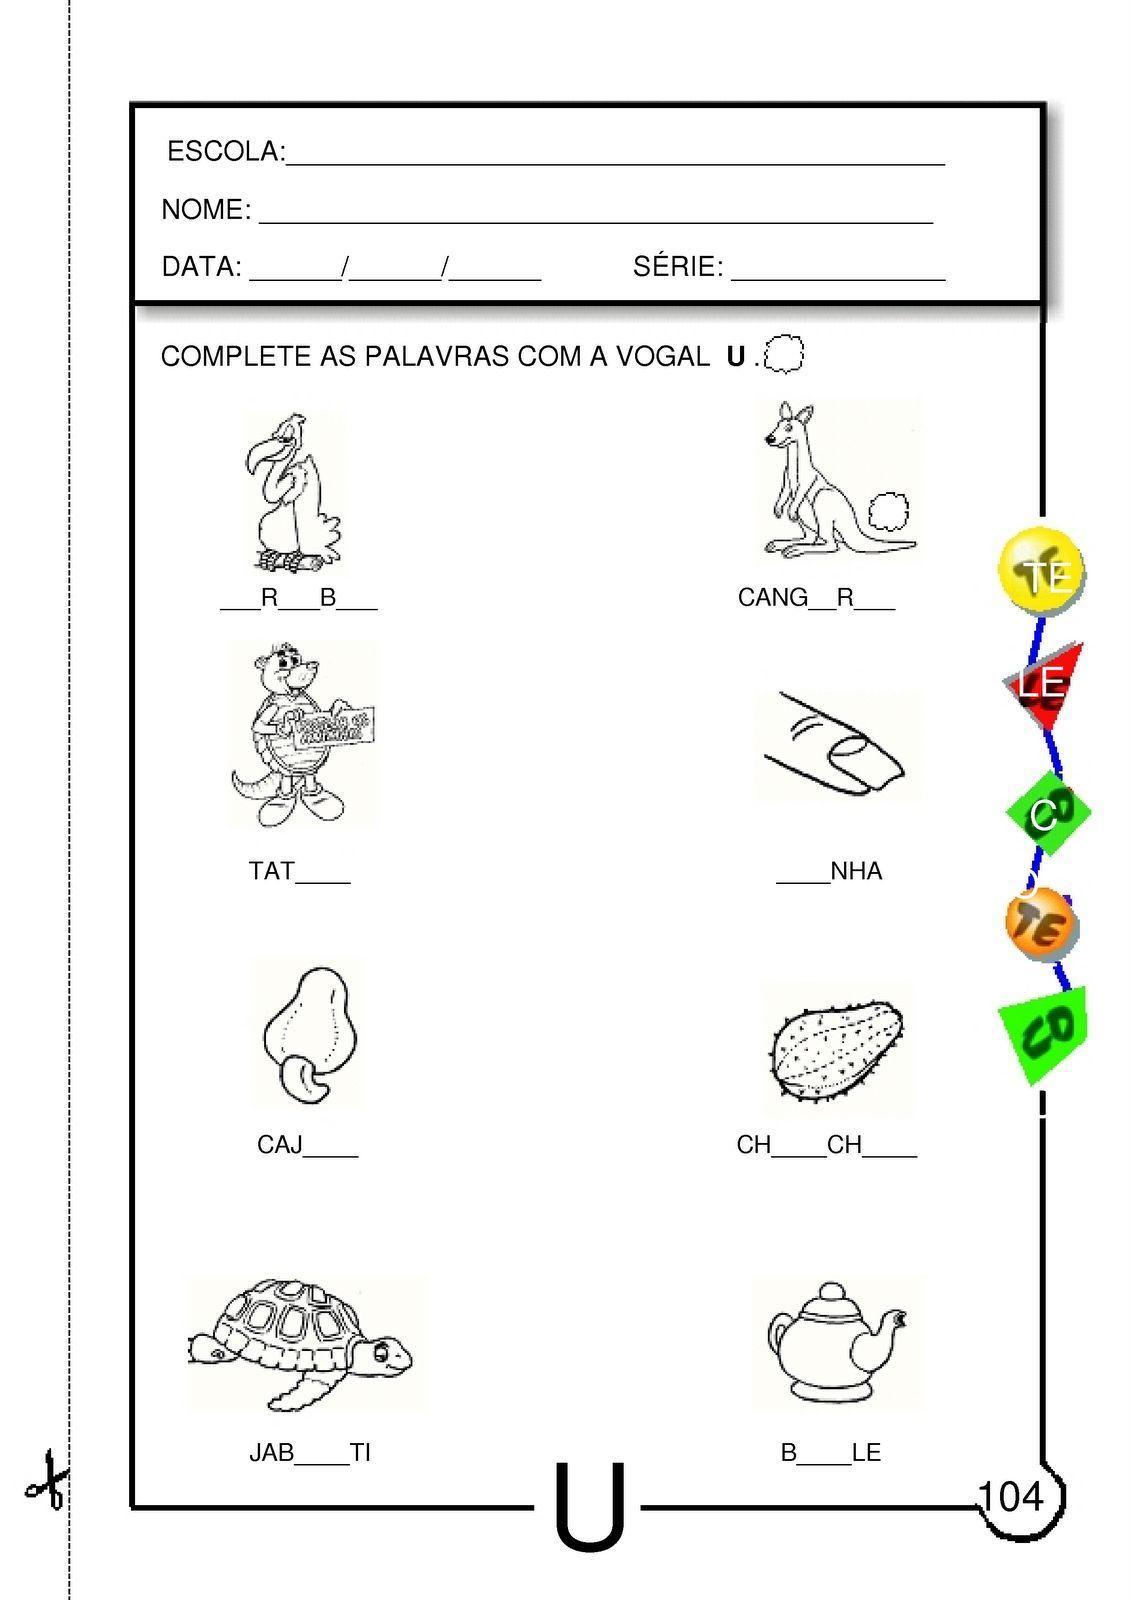 Careta Extraterrestre Lista Para additionally Imagenes De Flores Para Trazar besides Gesundheit further Figuras E Desenhos Da Galinha in addition Rapunzel Enrolados Colorir. on feedburner